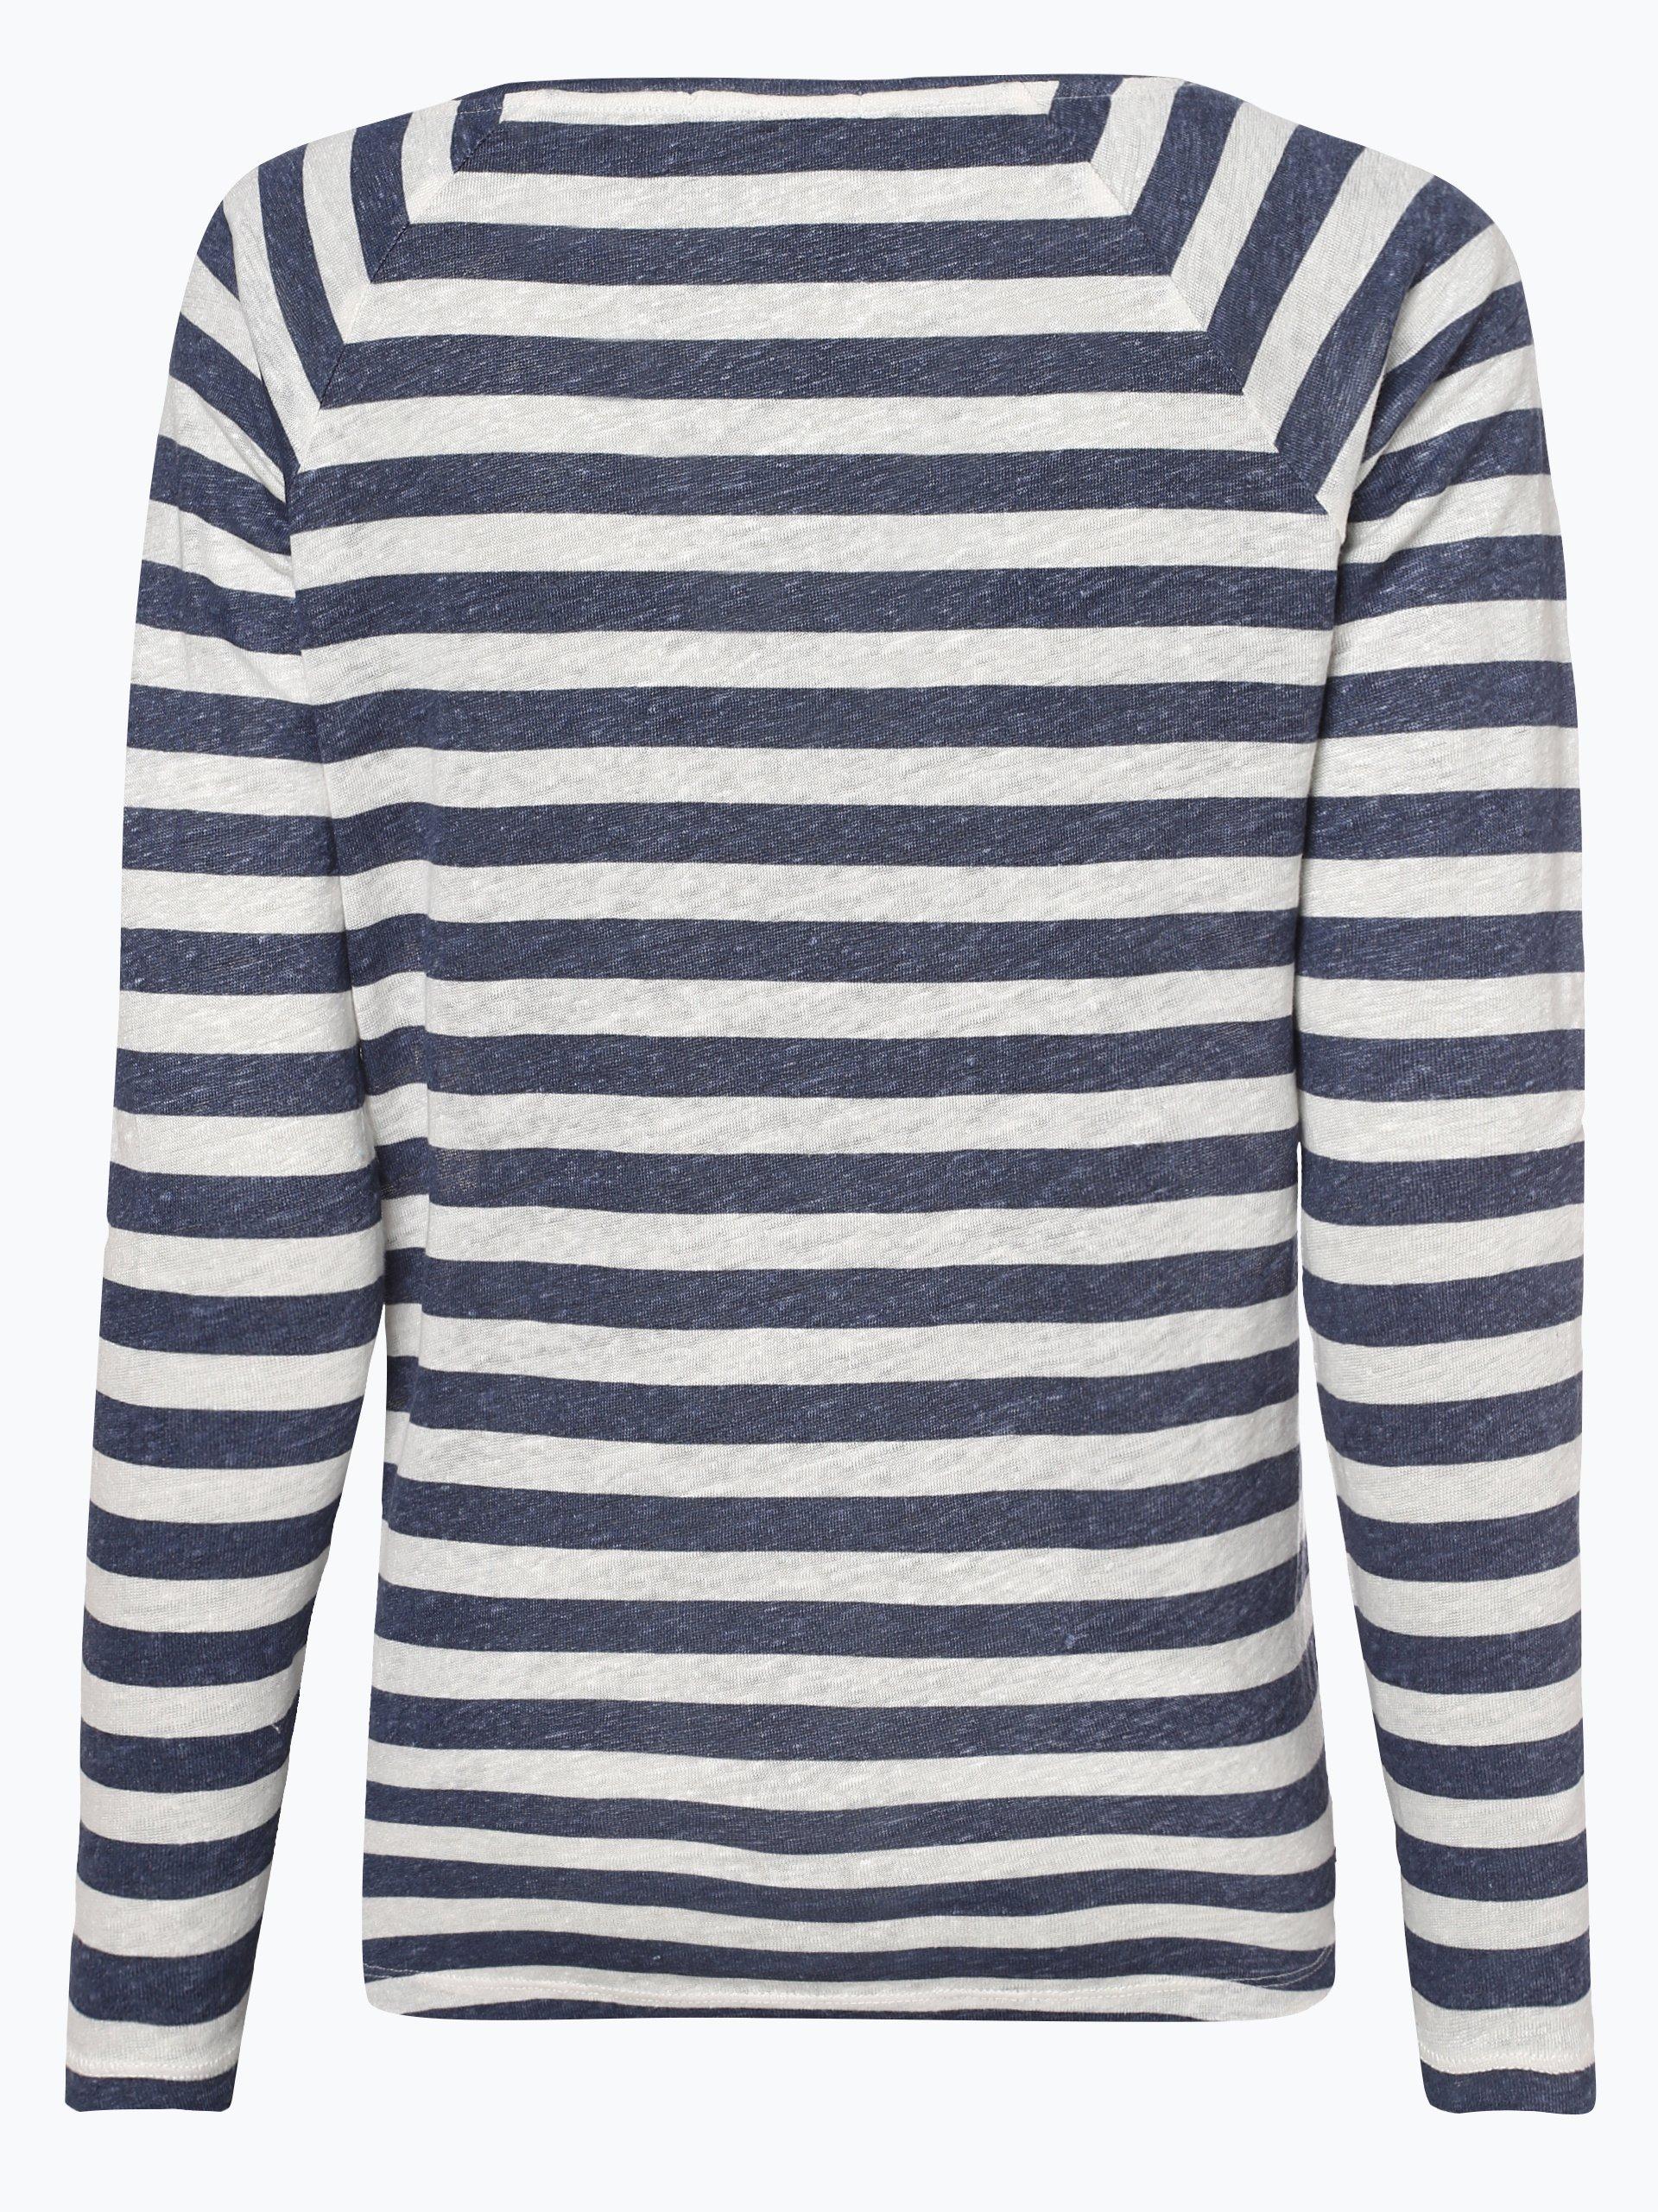 Pepe Jeans Damen Langarmshirt aus Leinen - Daisy